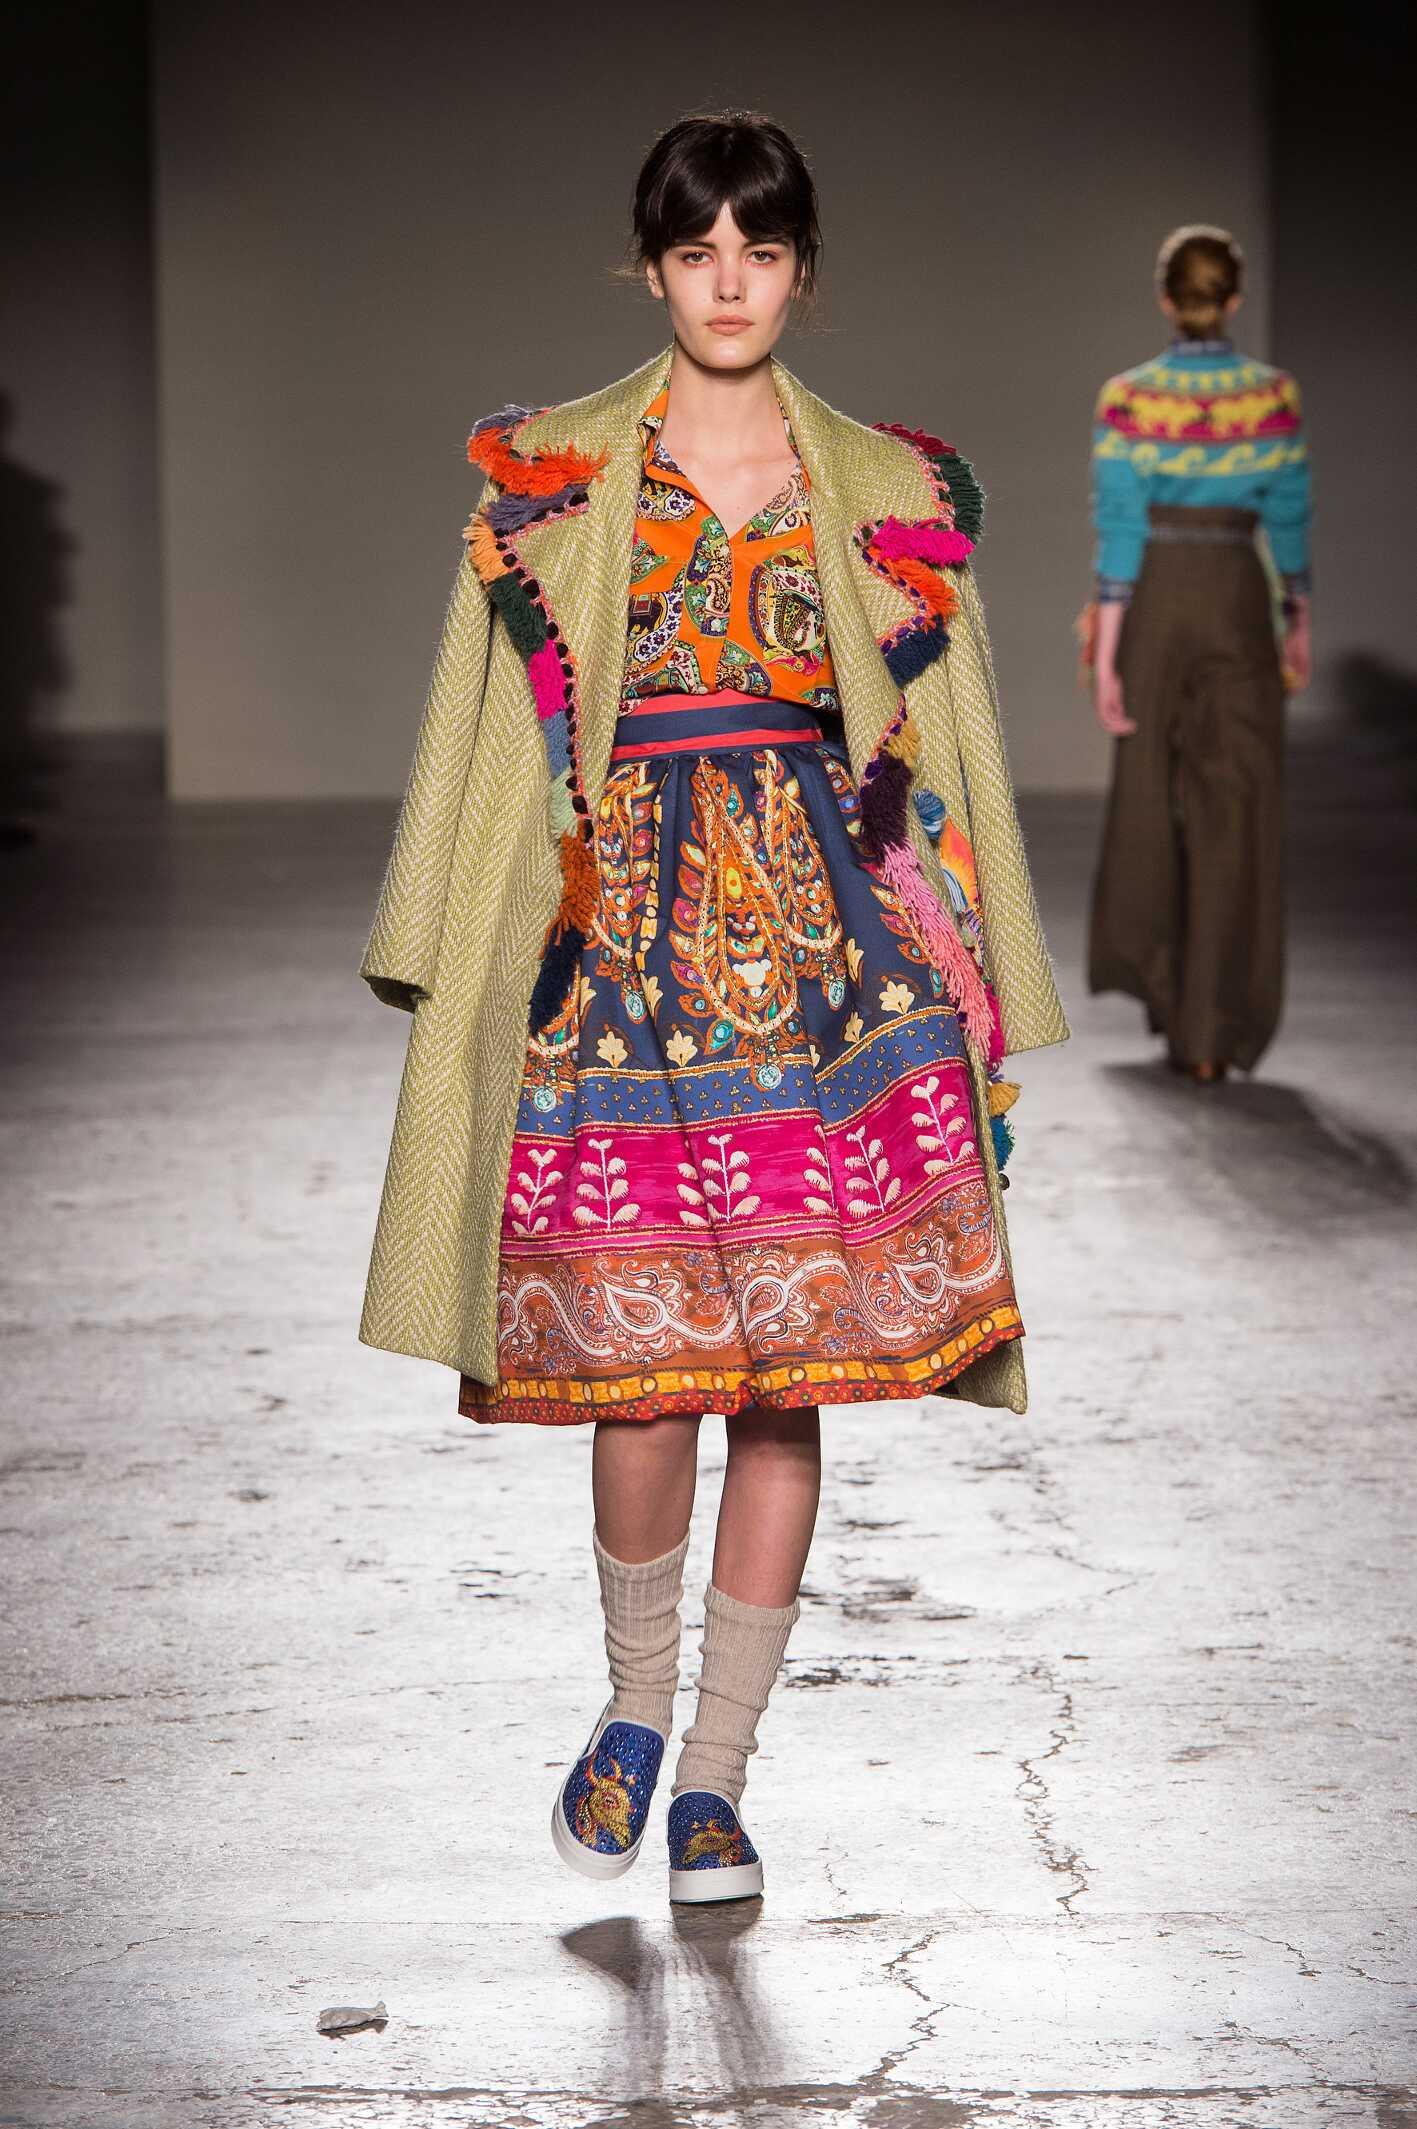 2015 Fashion Woman Model Stella Jean Collection Catwalk